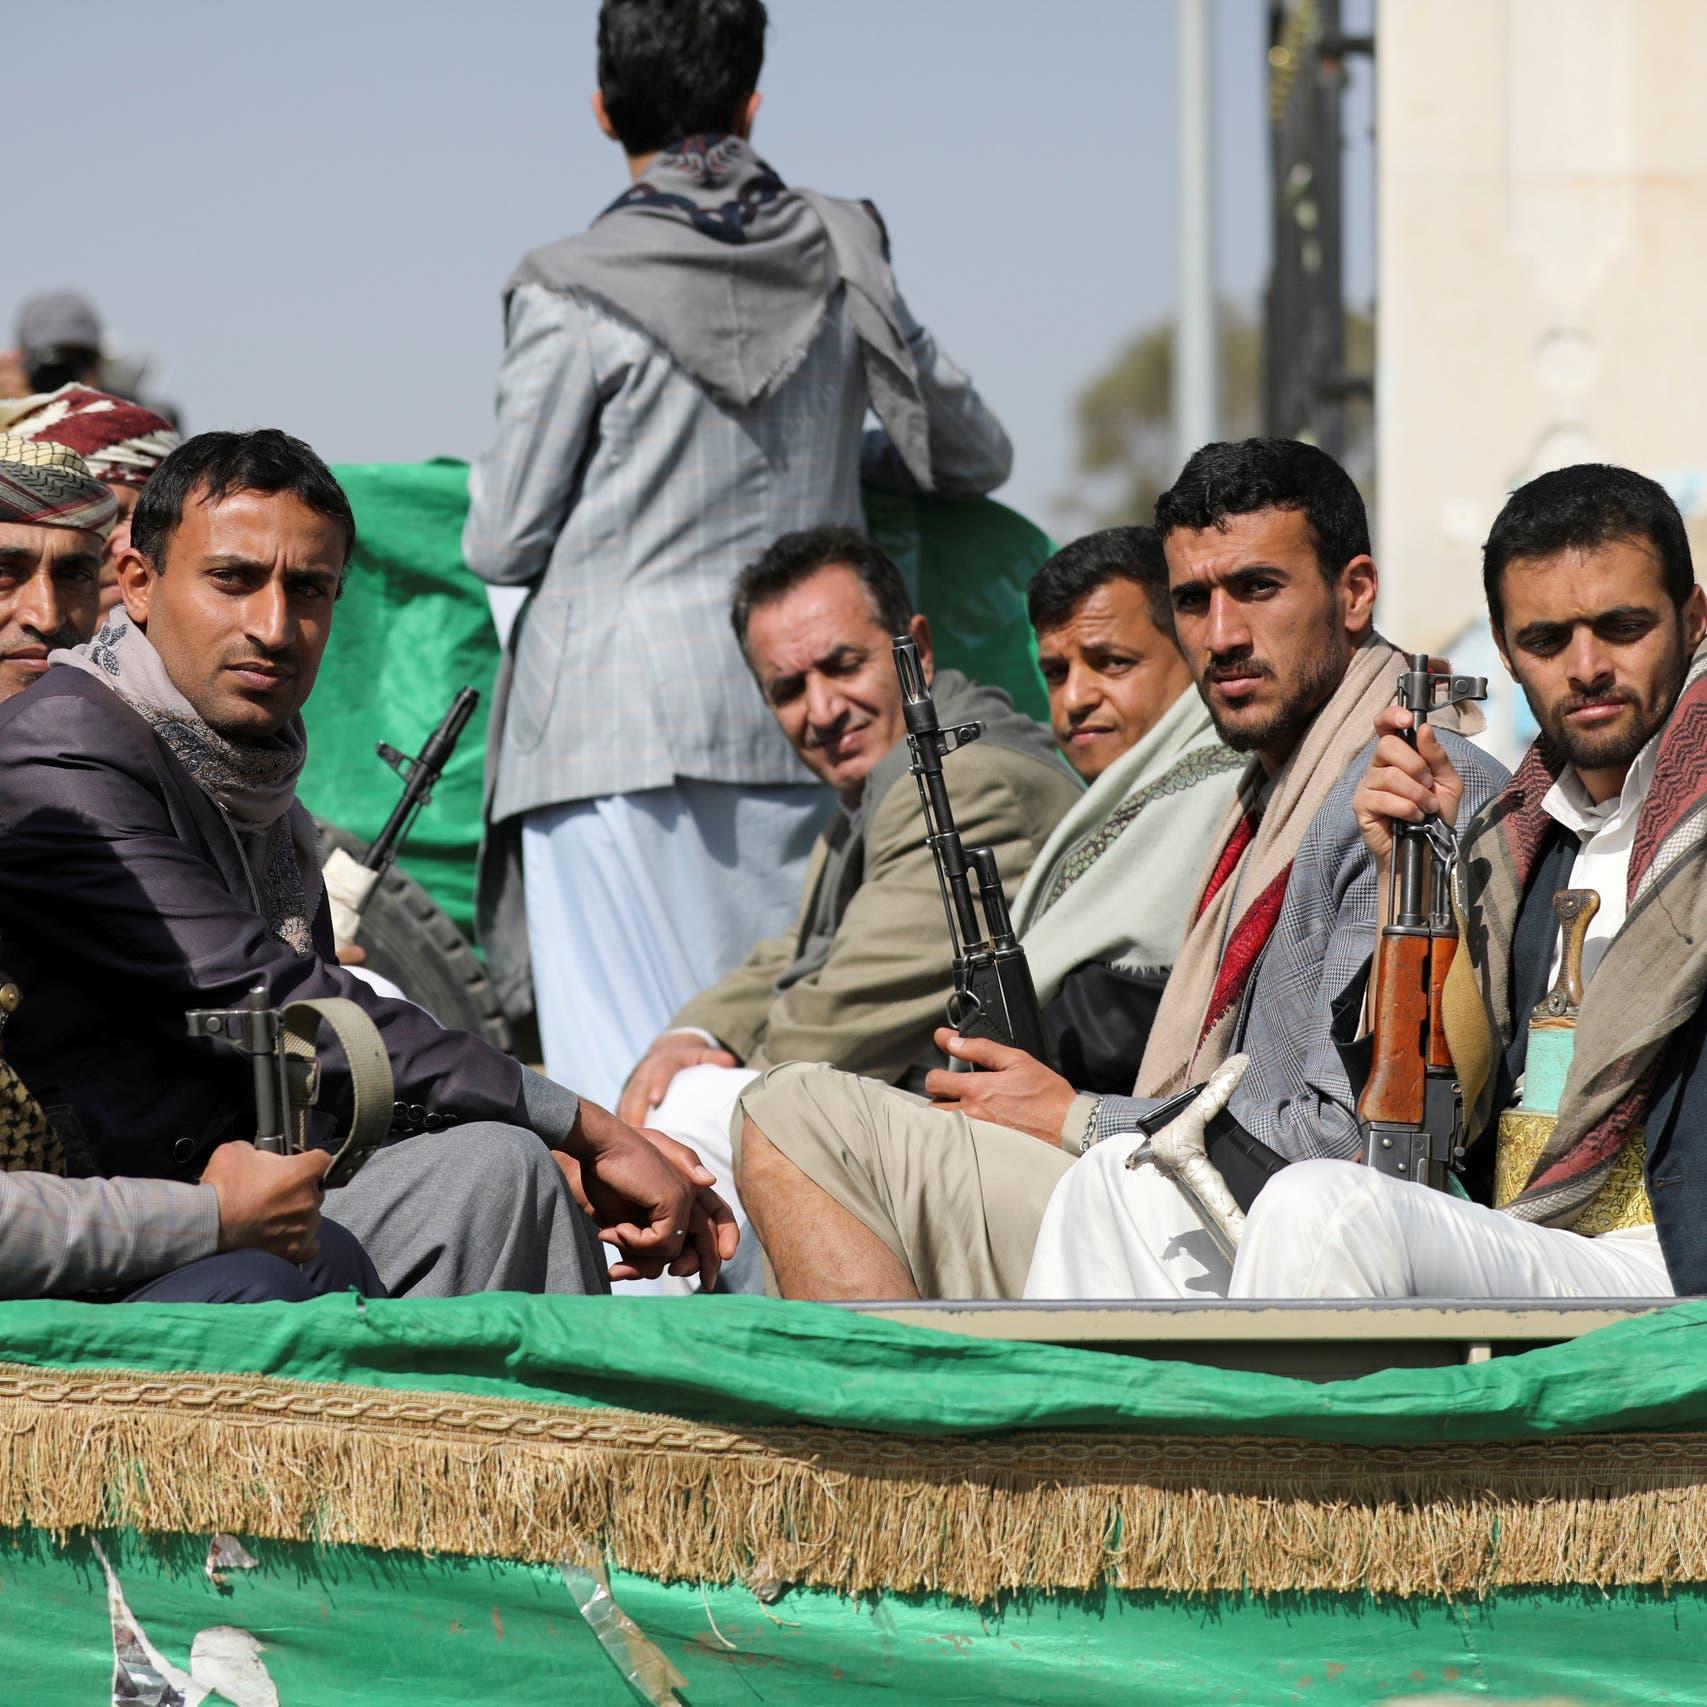 واقعة صادمة.. قيادي حوثي يقتحم منزل مواطن ويهدده بالقتل أمام أطفاله